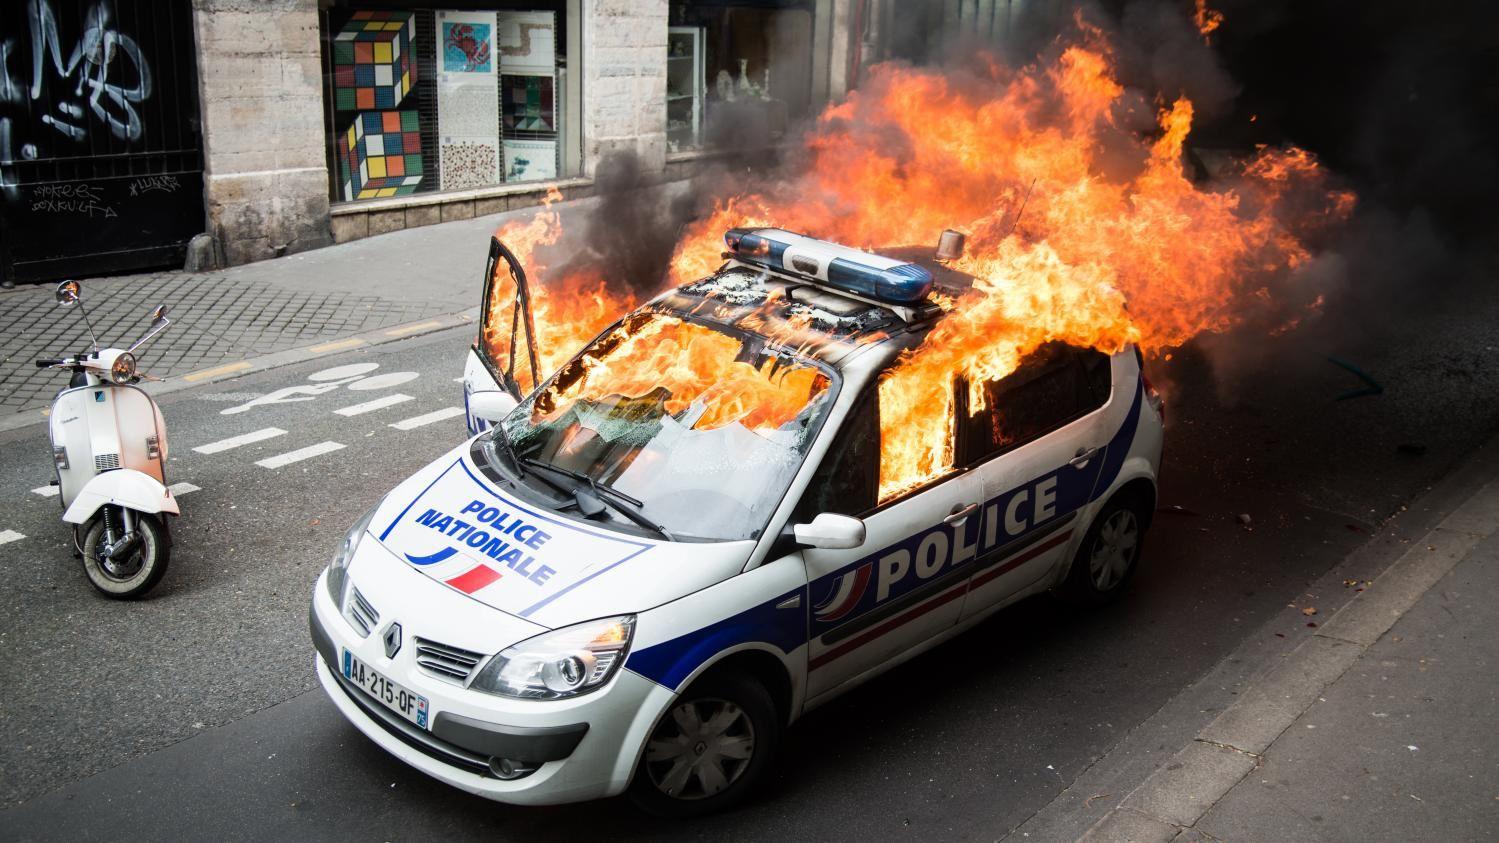 Violences urbaines lors de la nuit d'Halloween ( et menaces du même ordre dans les DOM pour bientôt ) : que s'est-il passé ?